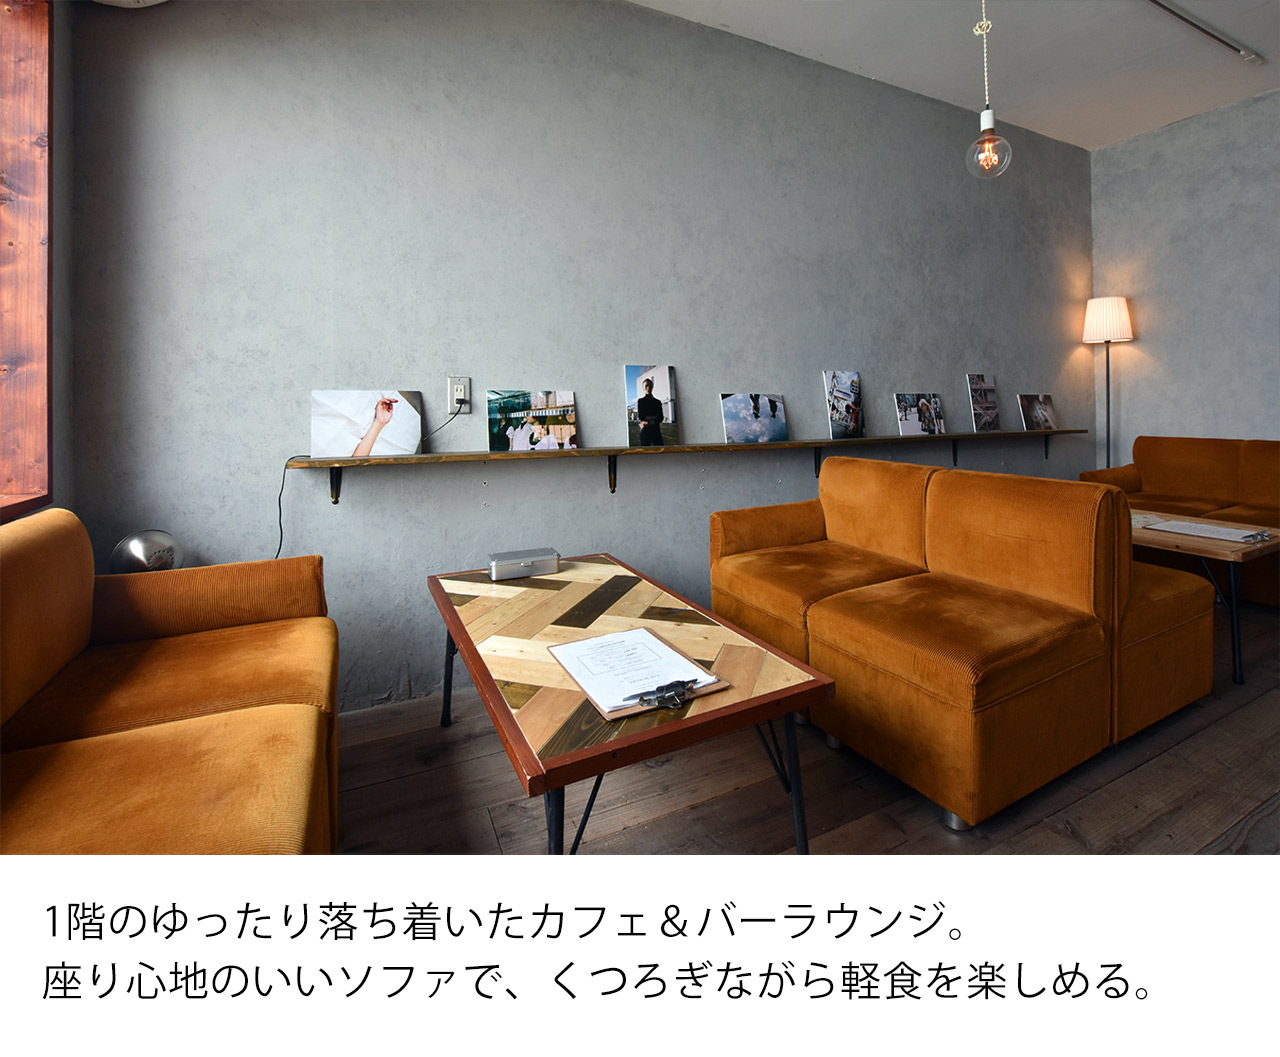 1階のゆったり落ち着いたカフェ&バーラウンジ。座り心地のいいソファで、くつろぎながら軽食を楽しめる。